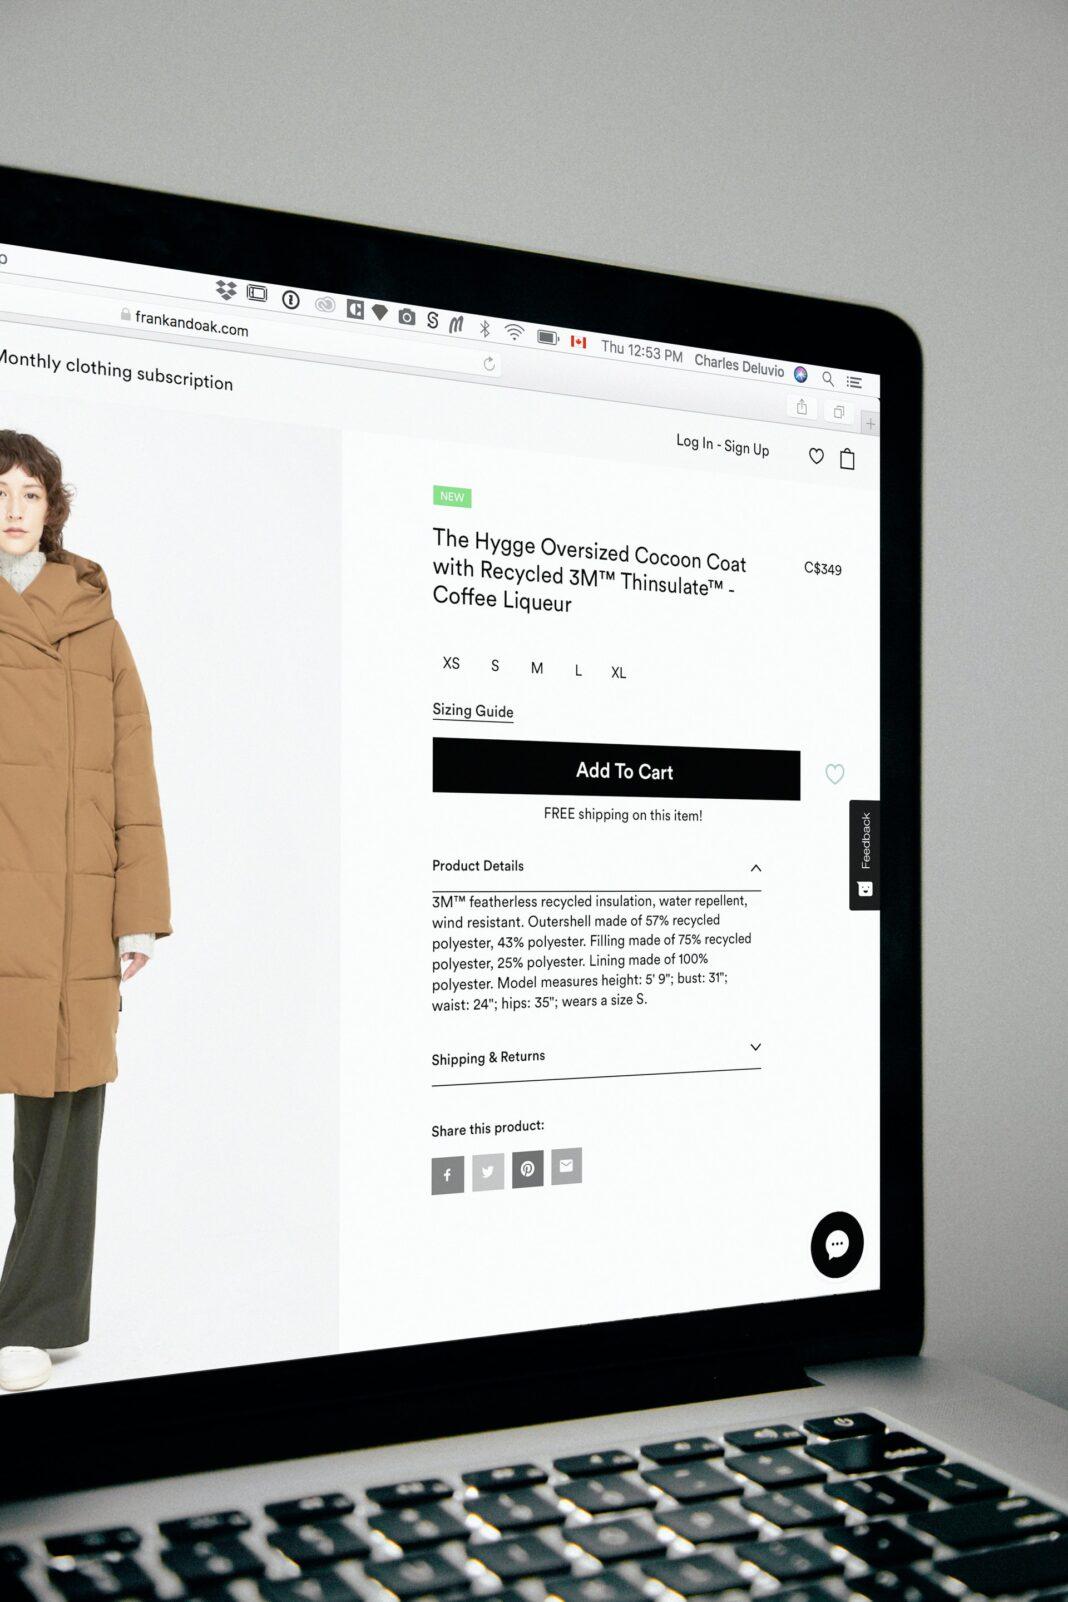 Pandemia e alta moda: vendite eCommerce e tassi record